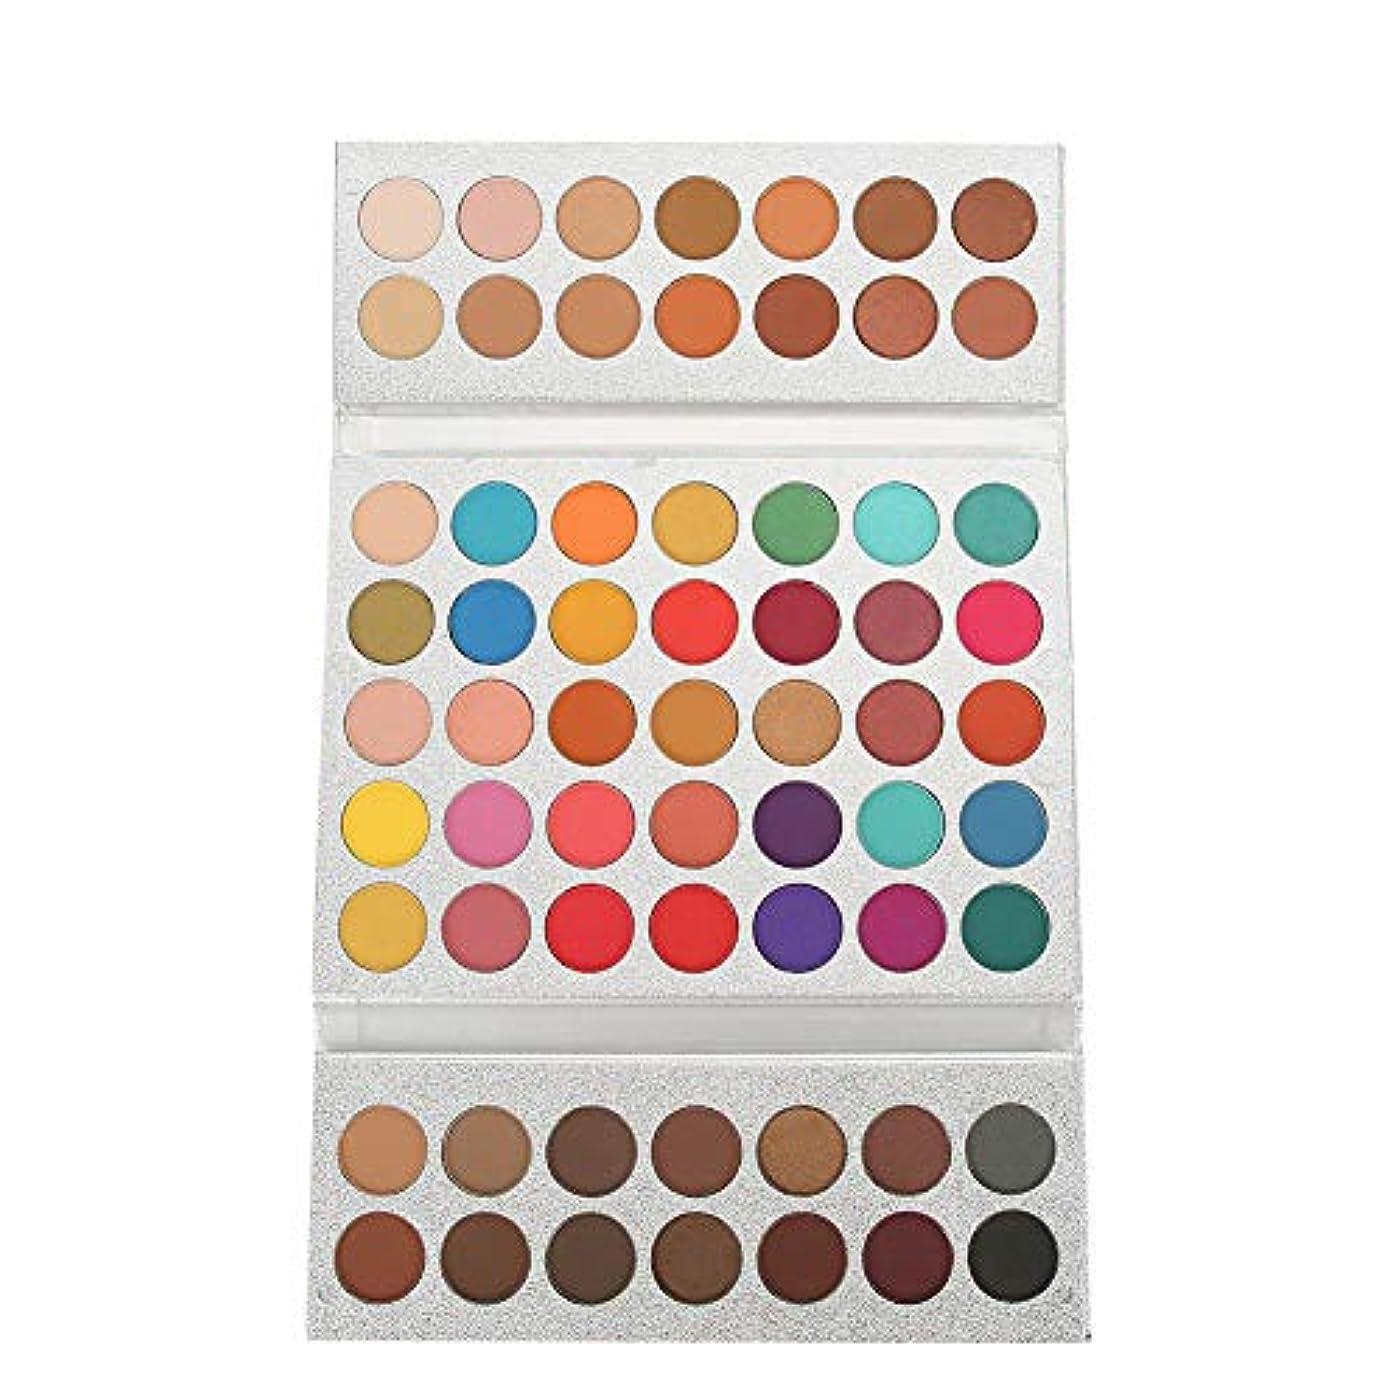 拍車驚かすわずかなアイシャドウ パレット 63色 美容真珠光沢 マットアイ 化粧品 メイクアップパレット